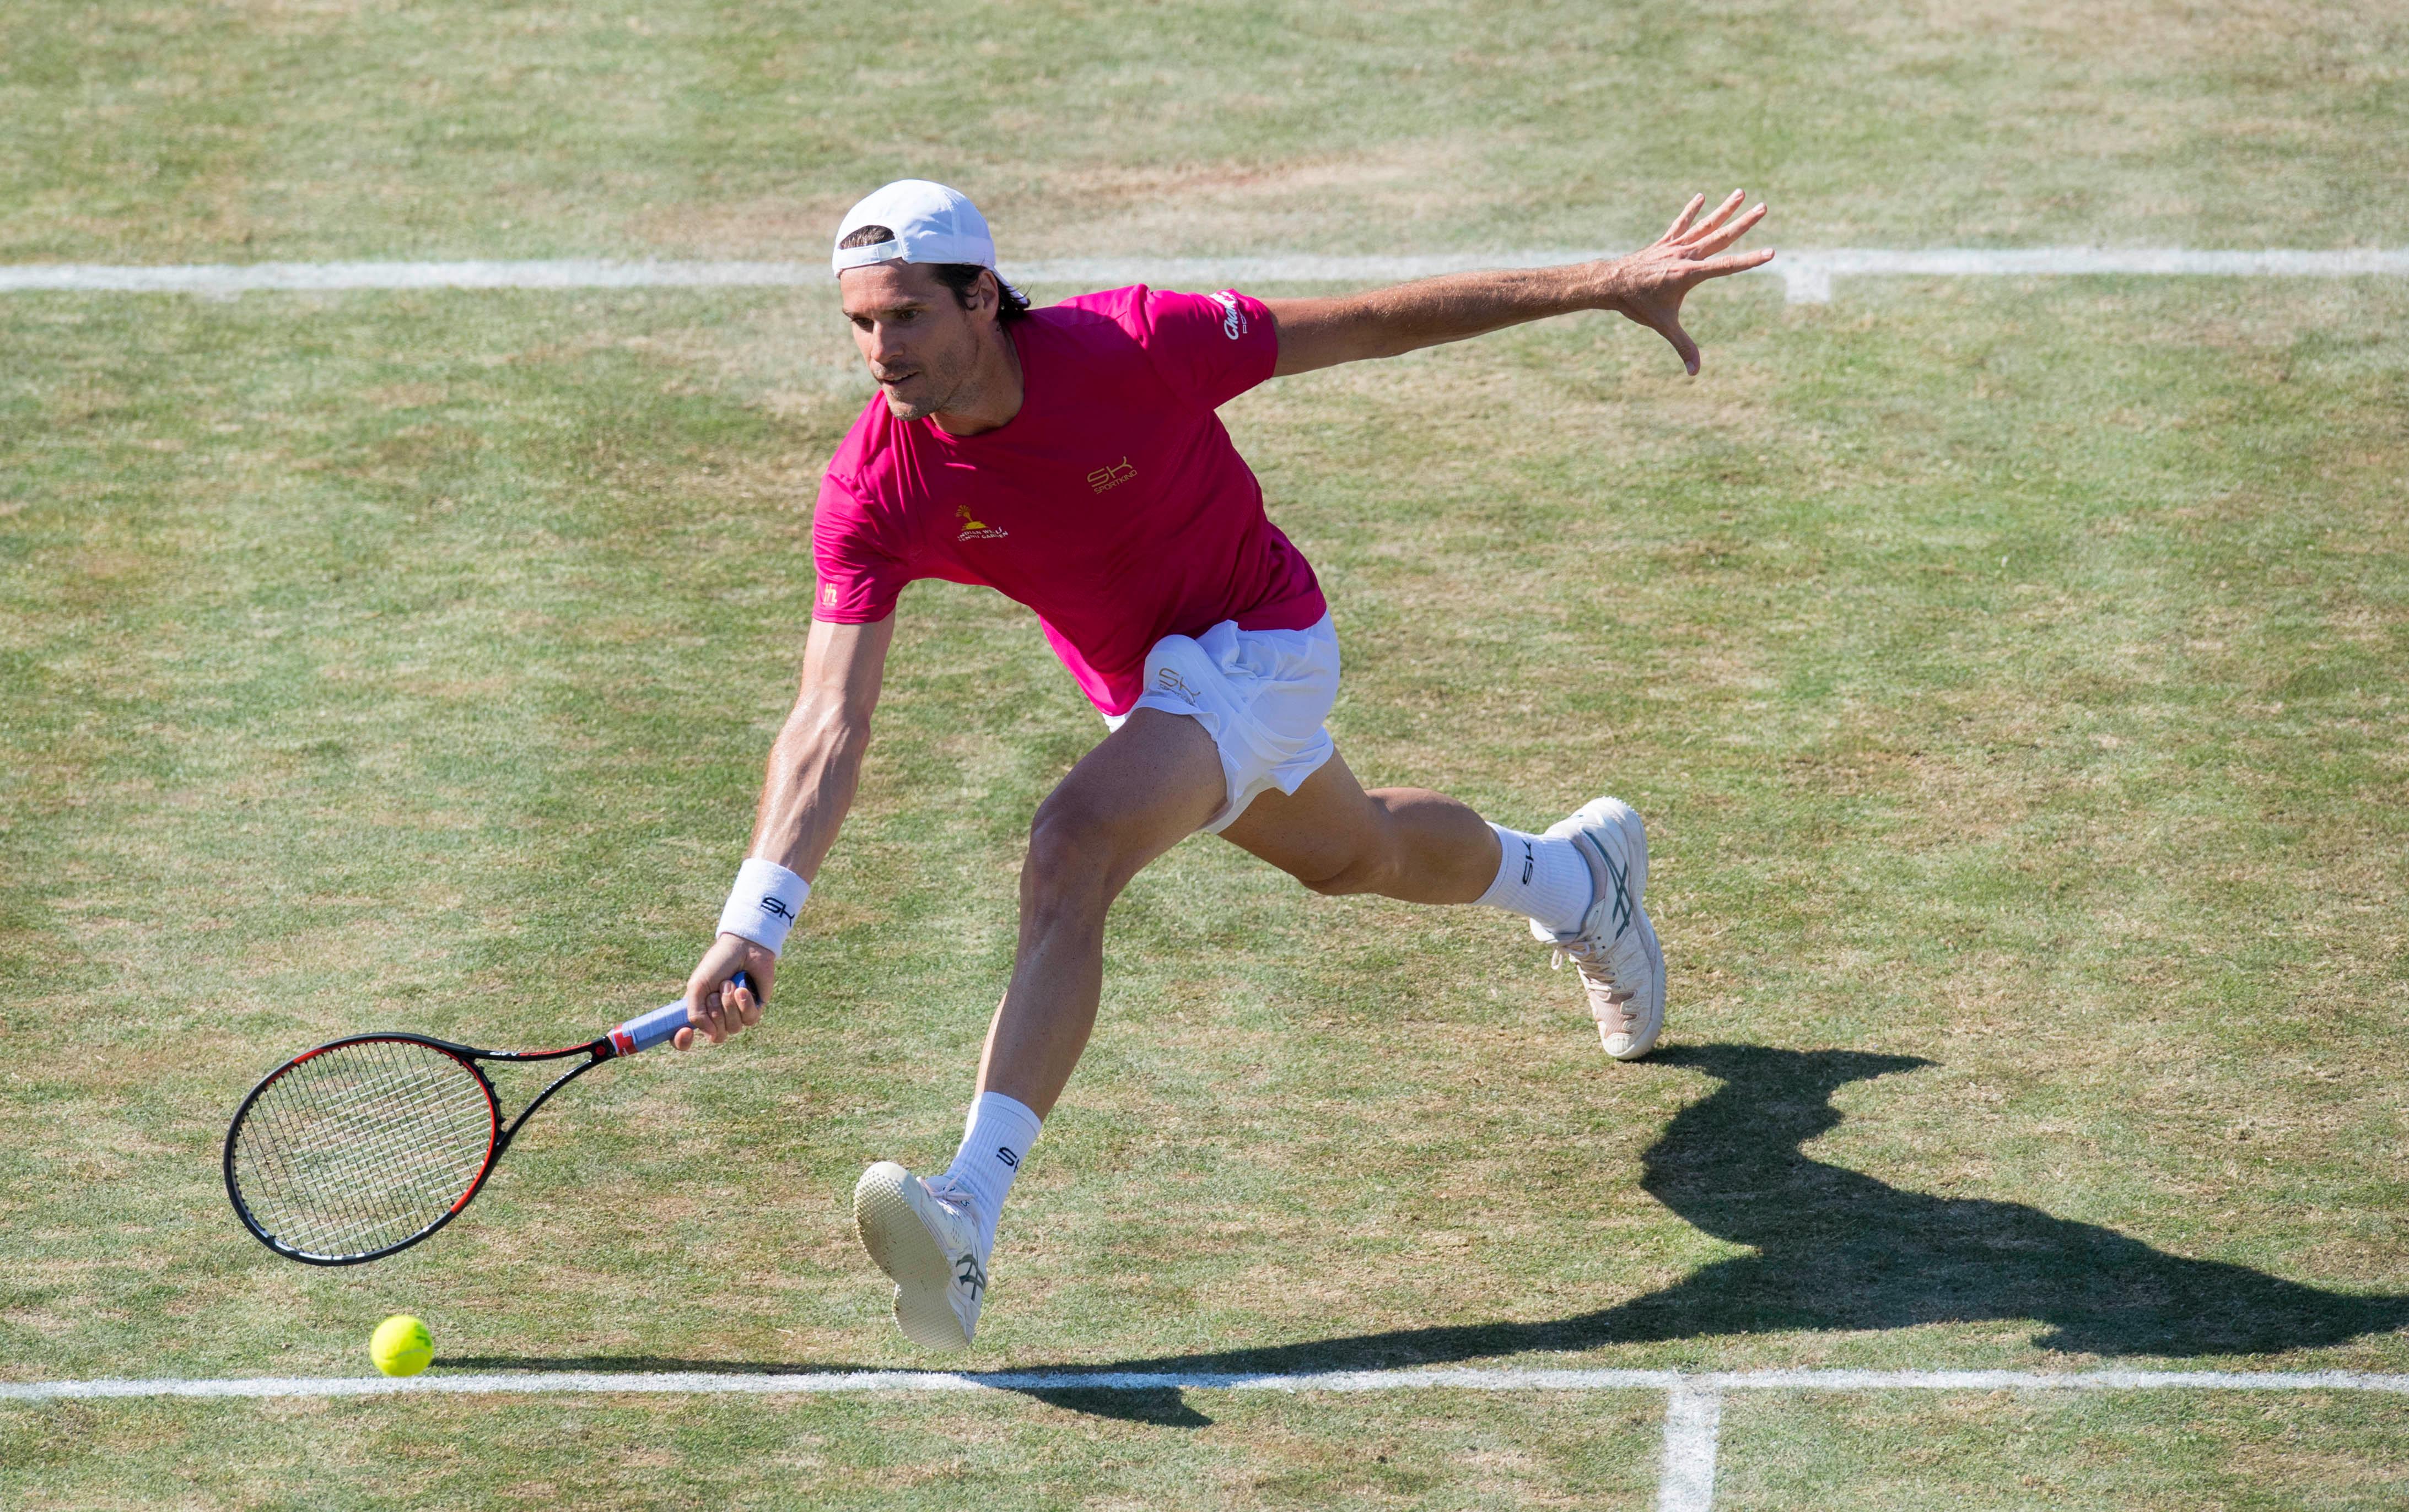 Tommy Haas gibt auf seiner Abschiedstournee alles. In Stuttgart gewann der 39-Jährige gegen Roger Federer.